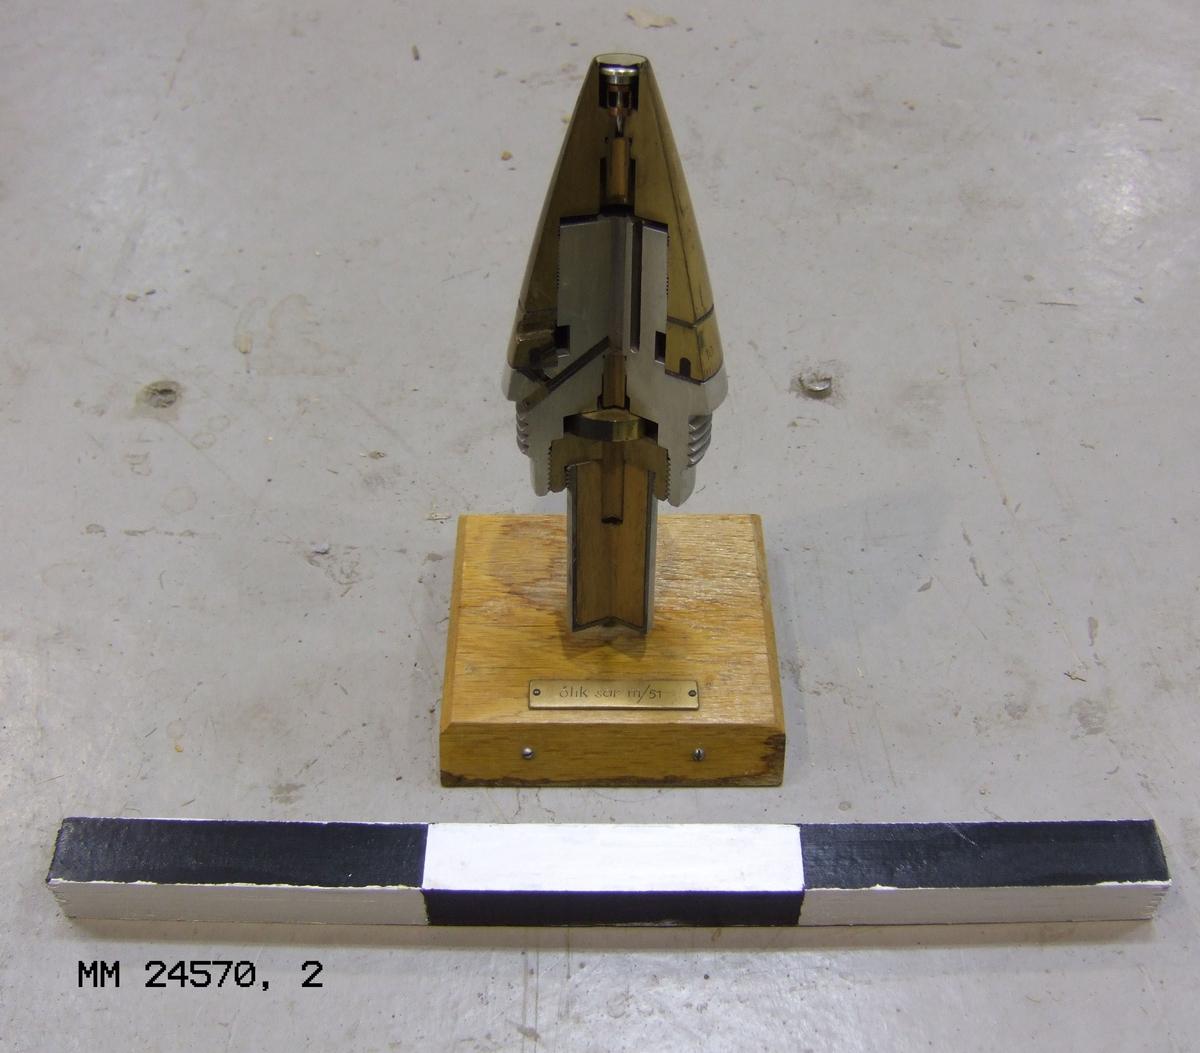 """Demonstrationsexemplar av sjömålsgranat fästad vid stativ av trä. Metallplatta ovanpå trästativ märkt """"öhk sar m/51"""". Märkt undertill """"O. Nyberg VaB 2 / A""""."""